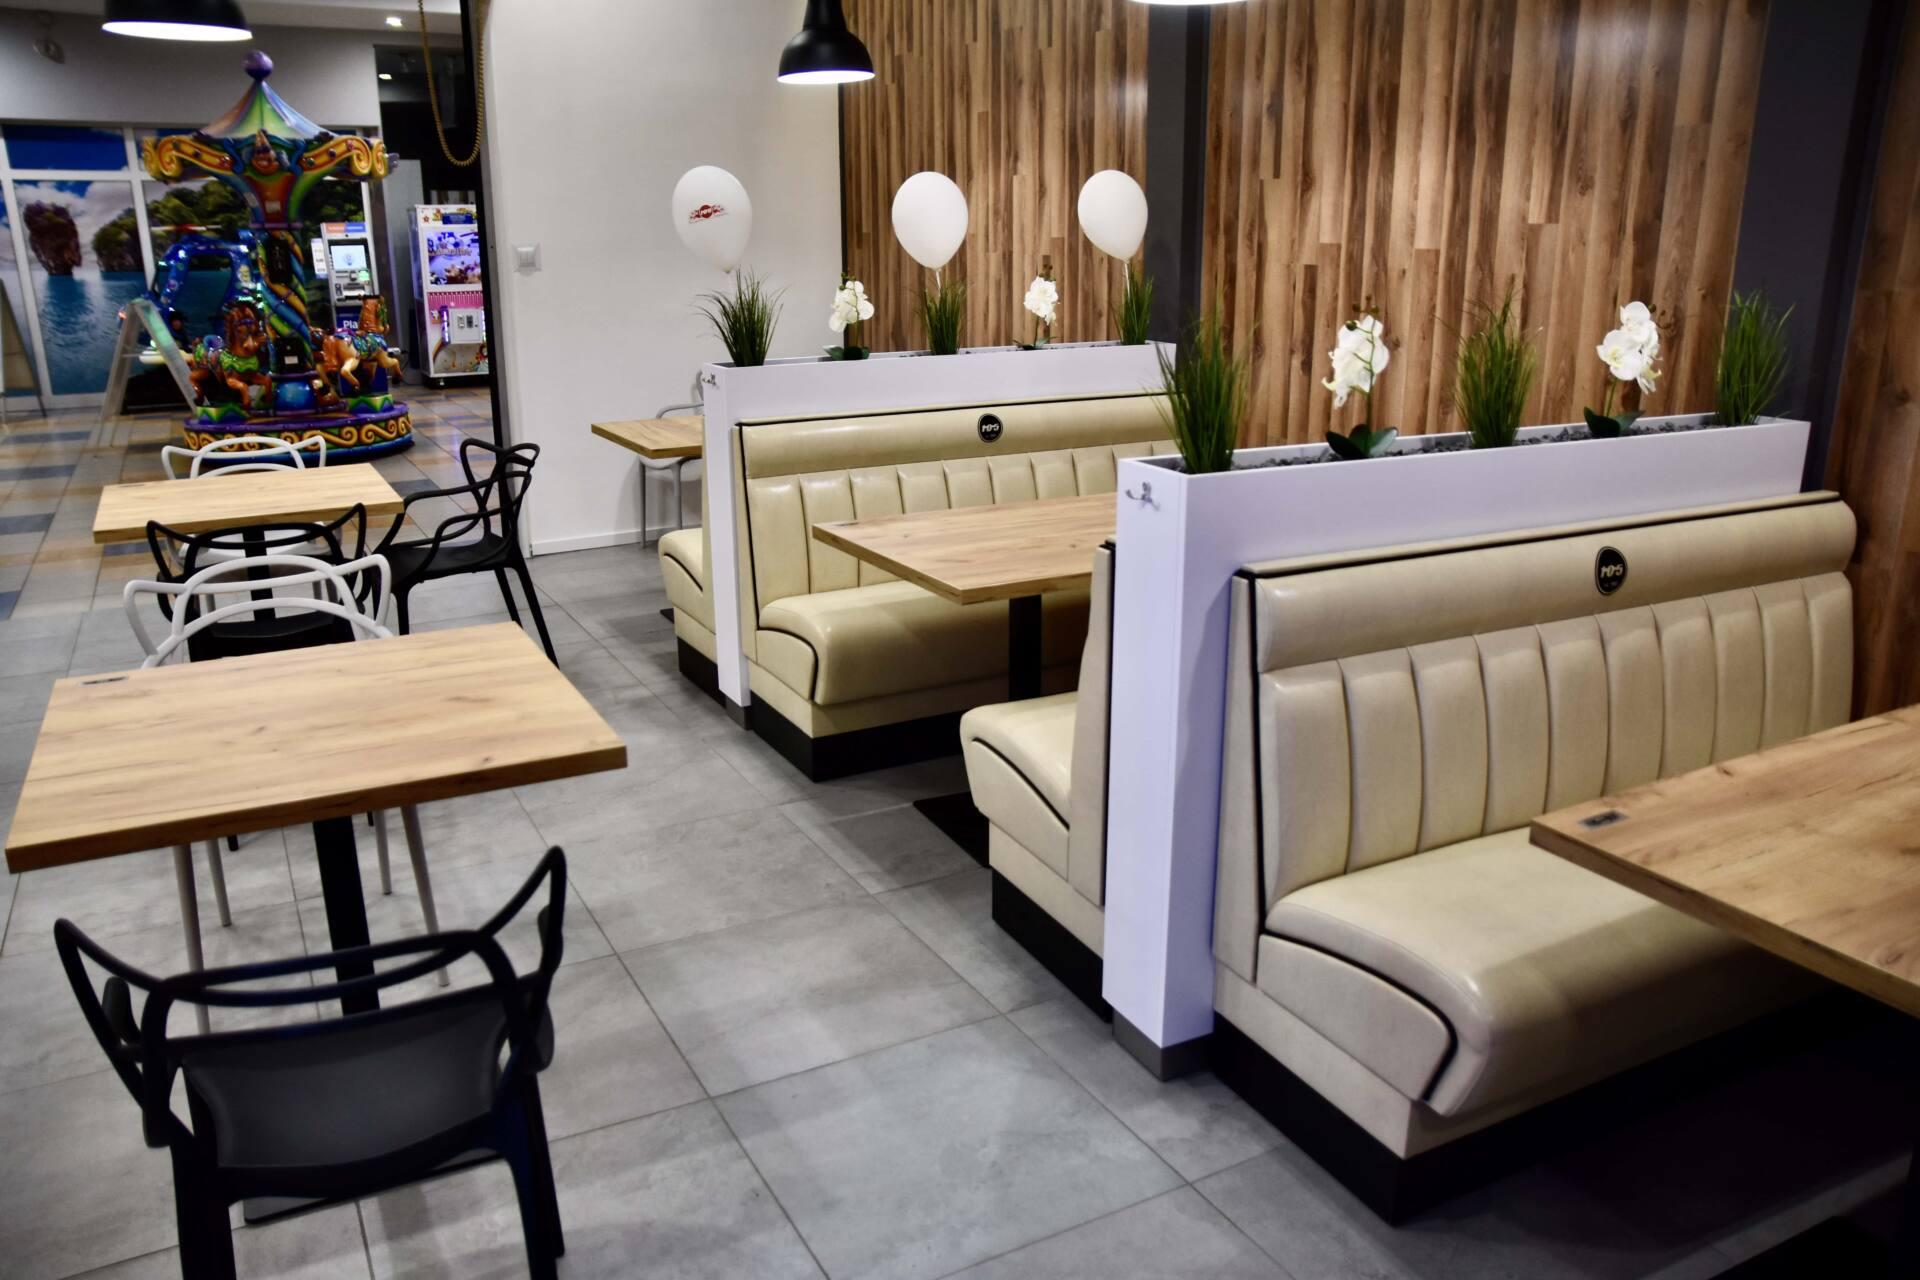 dsc 3297 Pizzeria Stopiątka otworzyła swój pierwszy lokal w Zamościu.